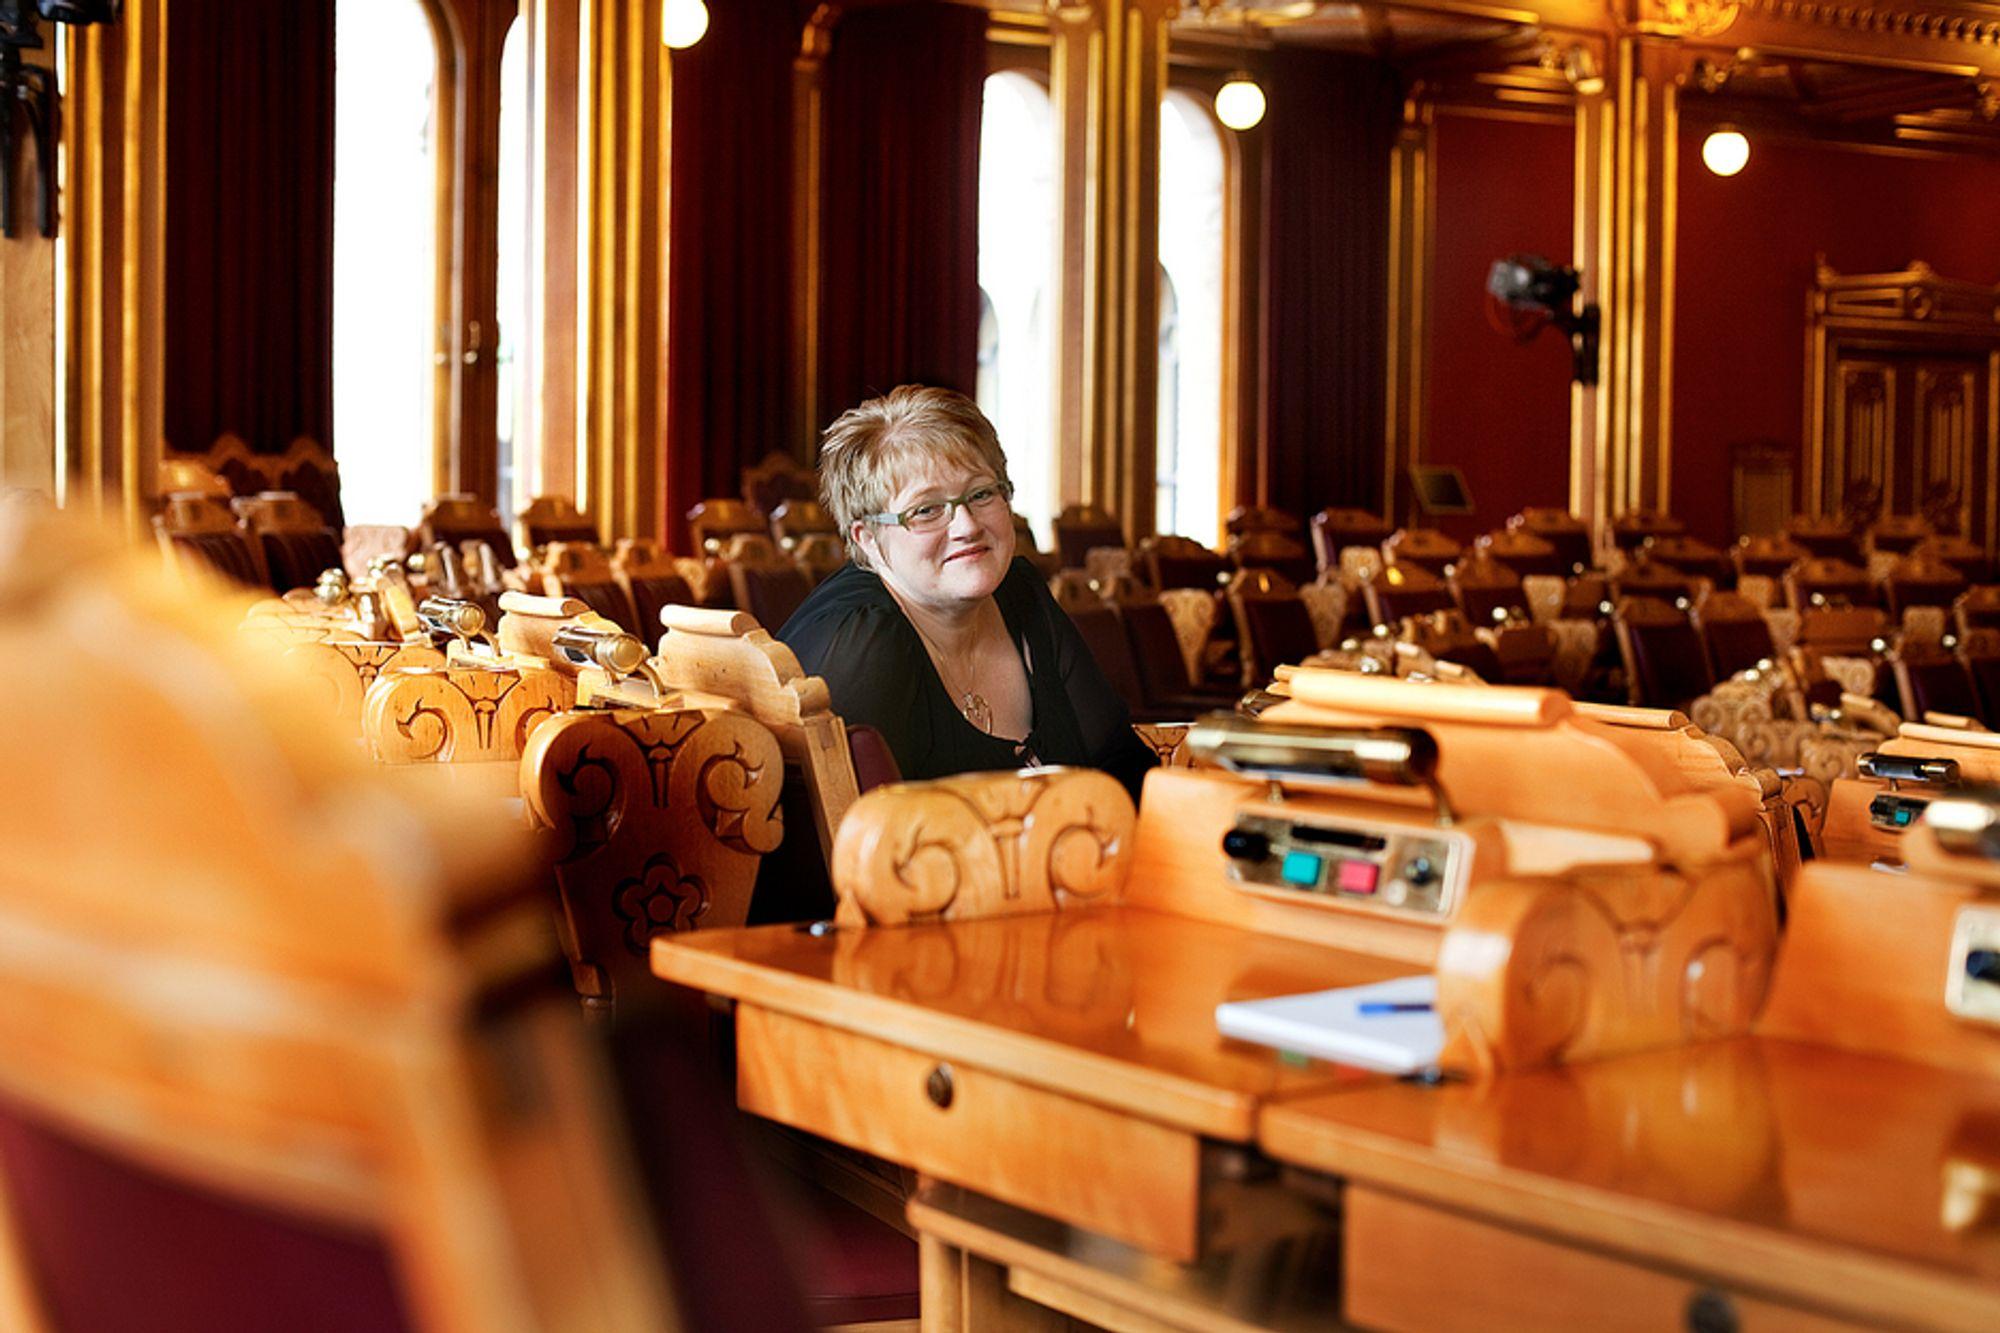 STERKE MENINGER: Trine Skei Grande er nyvalgt Venstre-leder. Hun mener Norge har et luksusforhold til strøm, og blir skremt av Kripos og PST i DLD-debatten.